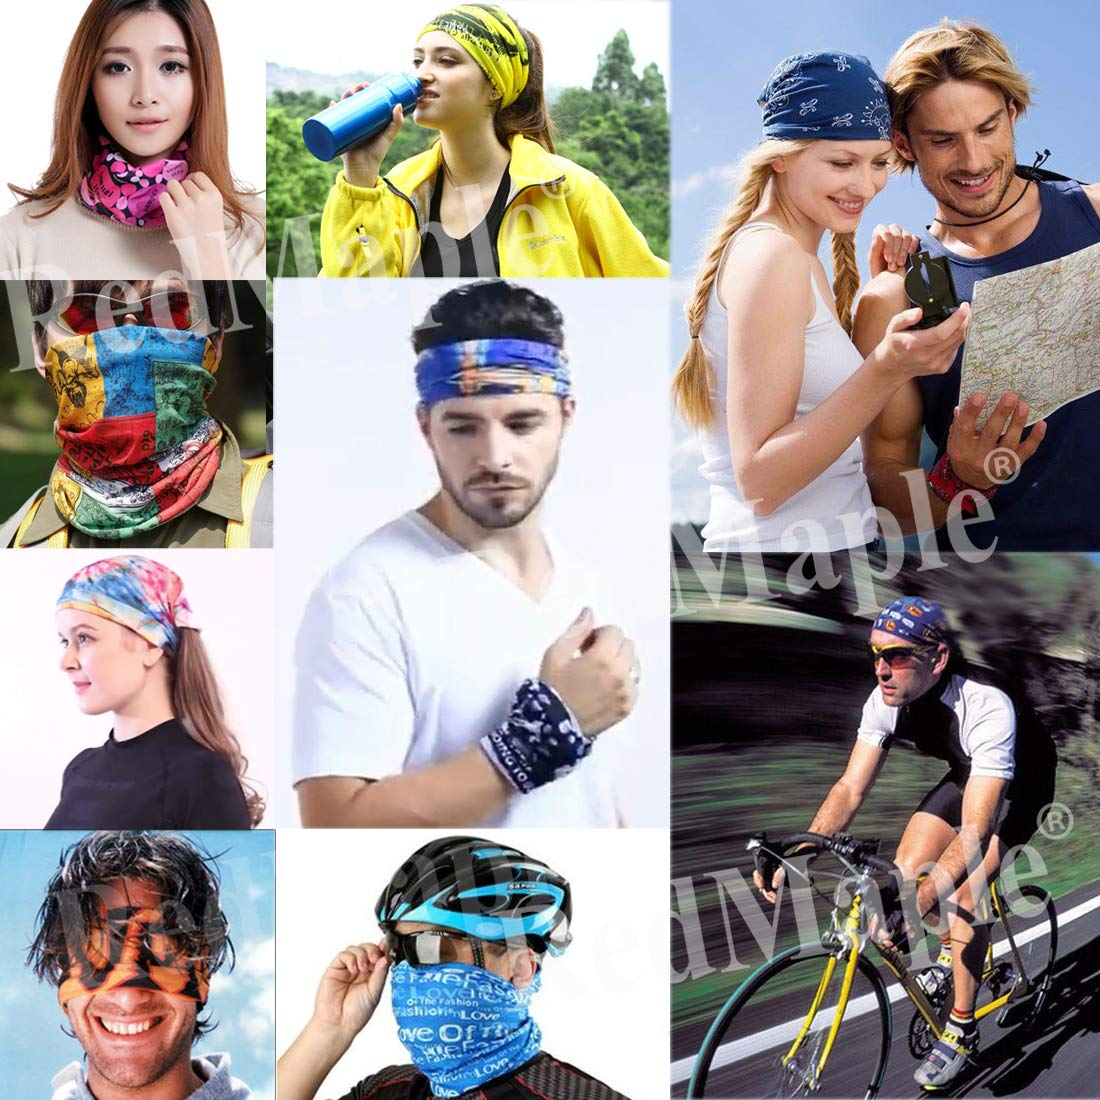 6 PCS Elastique Tube Bandeaux Echarpe Gaiter Balaclava Masque UV R/ésidence pour Yoga Course /à Pied Randonn/ée Cyclisme Bandana Multifonctions Couvre-Chef sans Soudure